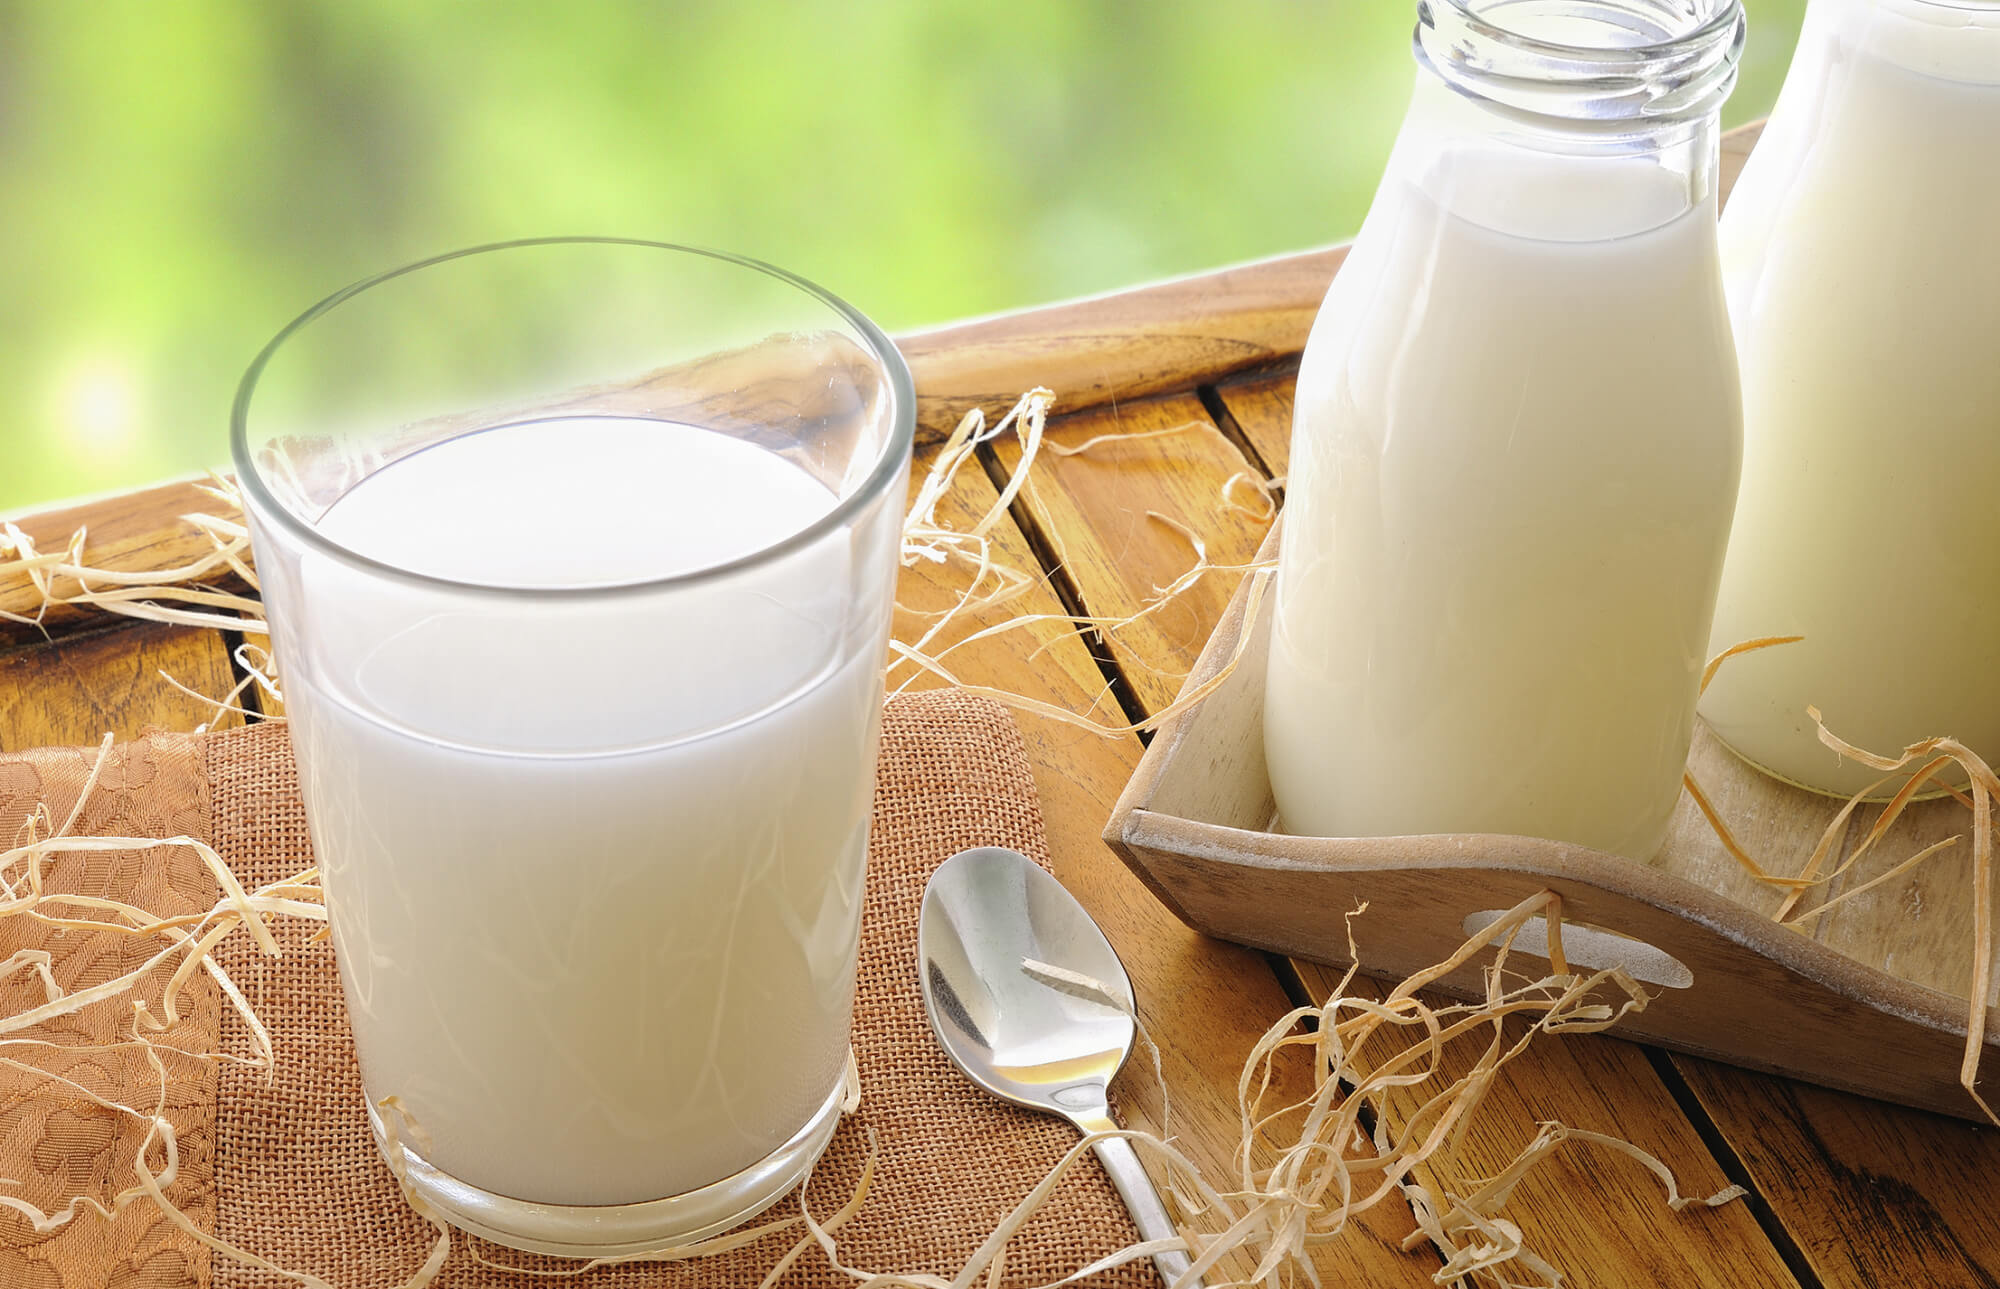 Польза козьего молока для взрослых и пожилых людей, можно ли его пить детям